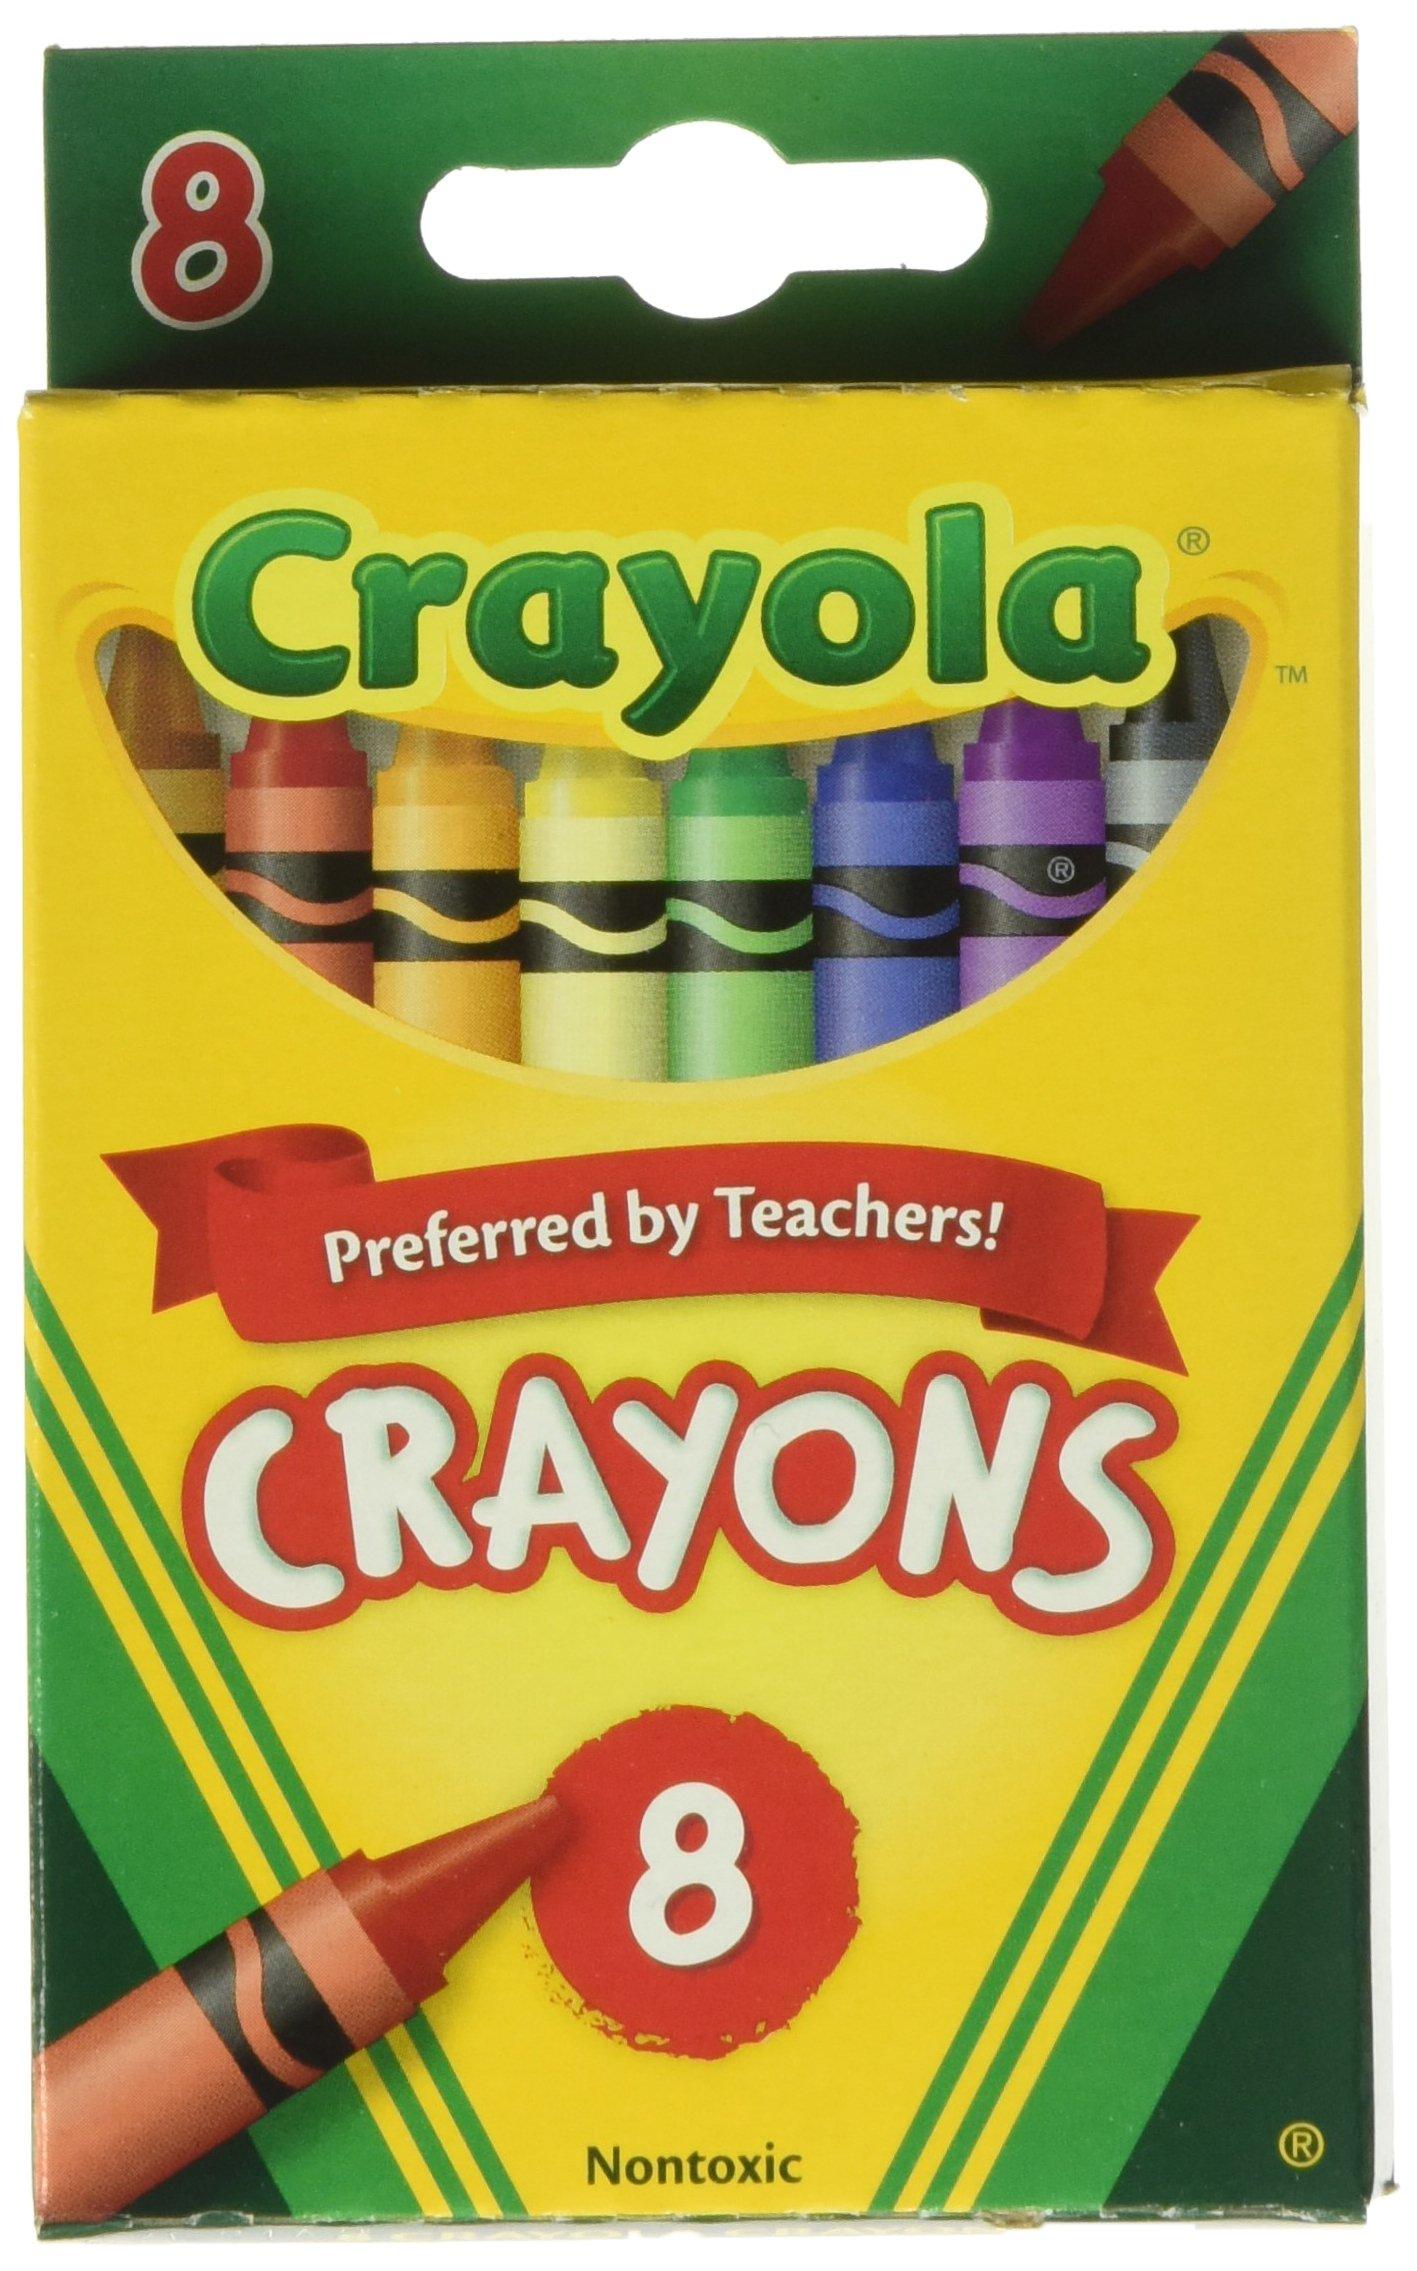 Crayola Bulk Buy Crayons 8/Pkg 52-3008 (12-Pack) by Crayola